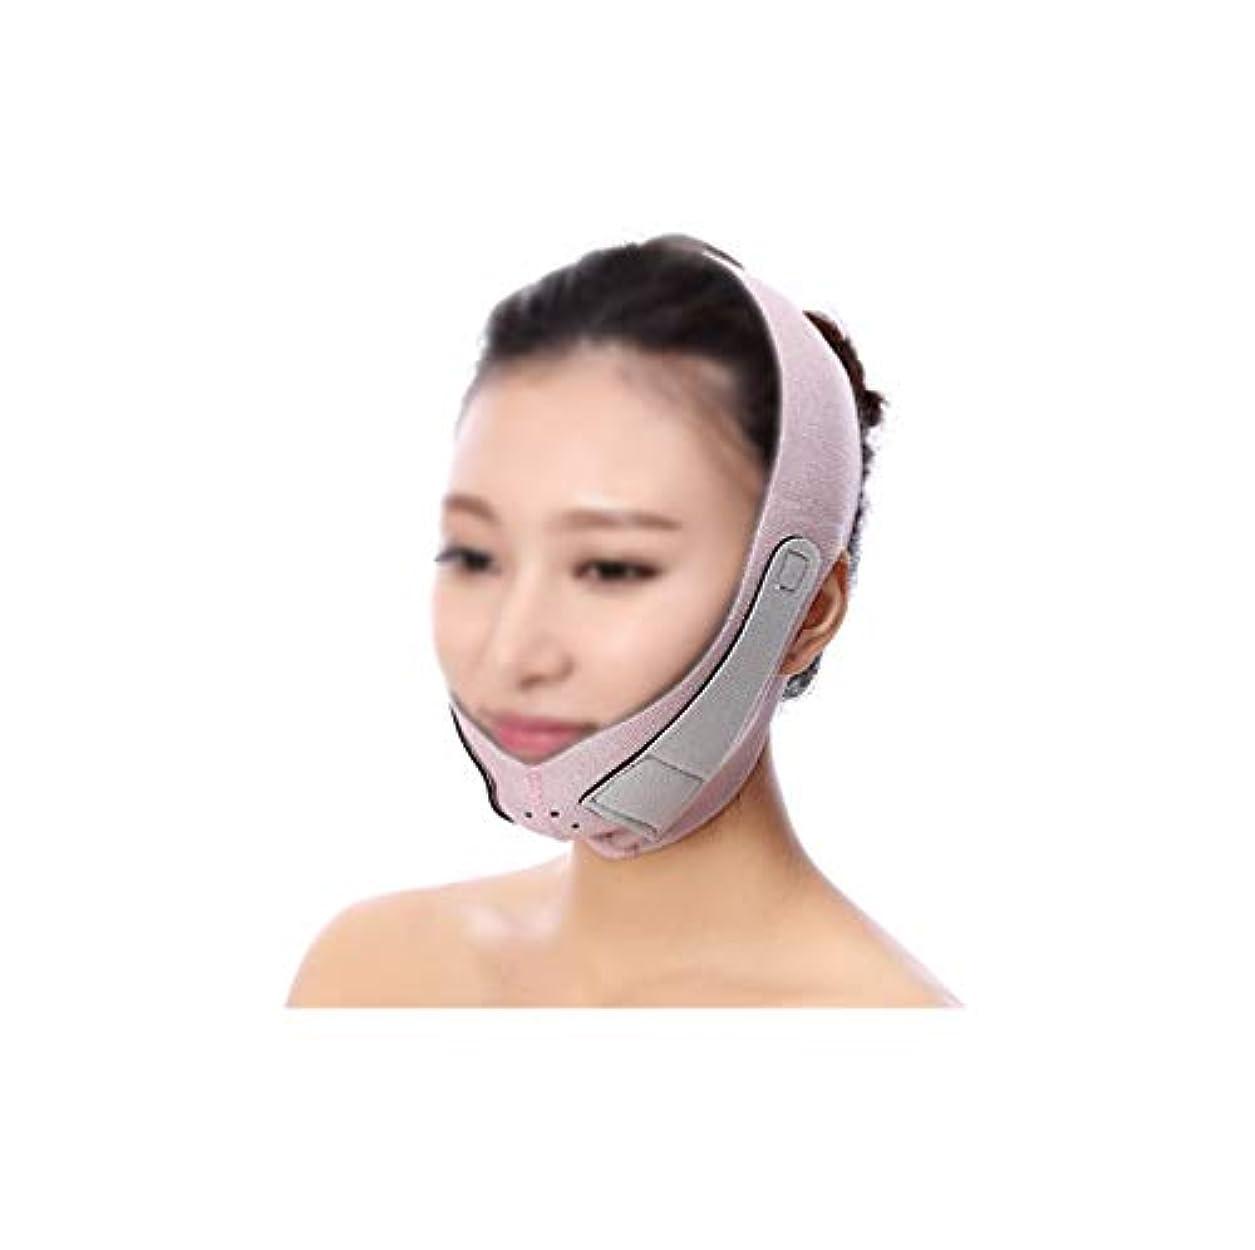 麺浴室減衰GLJJQMY 薄い顔マスクあごストラップ回復包帯小さなV顔薄い顔アーティファクト睡眠強力なマスクフェイスリフティング包帯フェイシャルリフティングダブルチンリフティング引き締め 顔用整形マスク